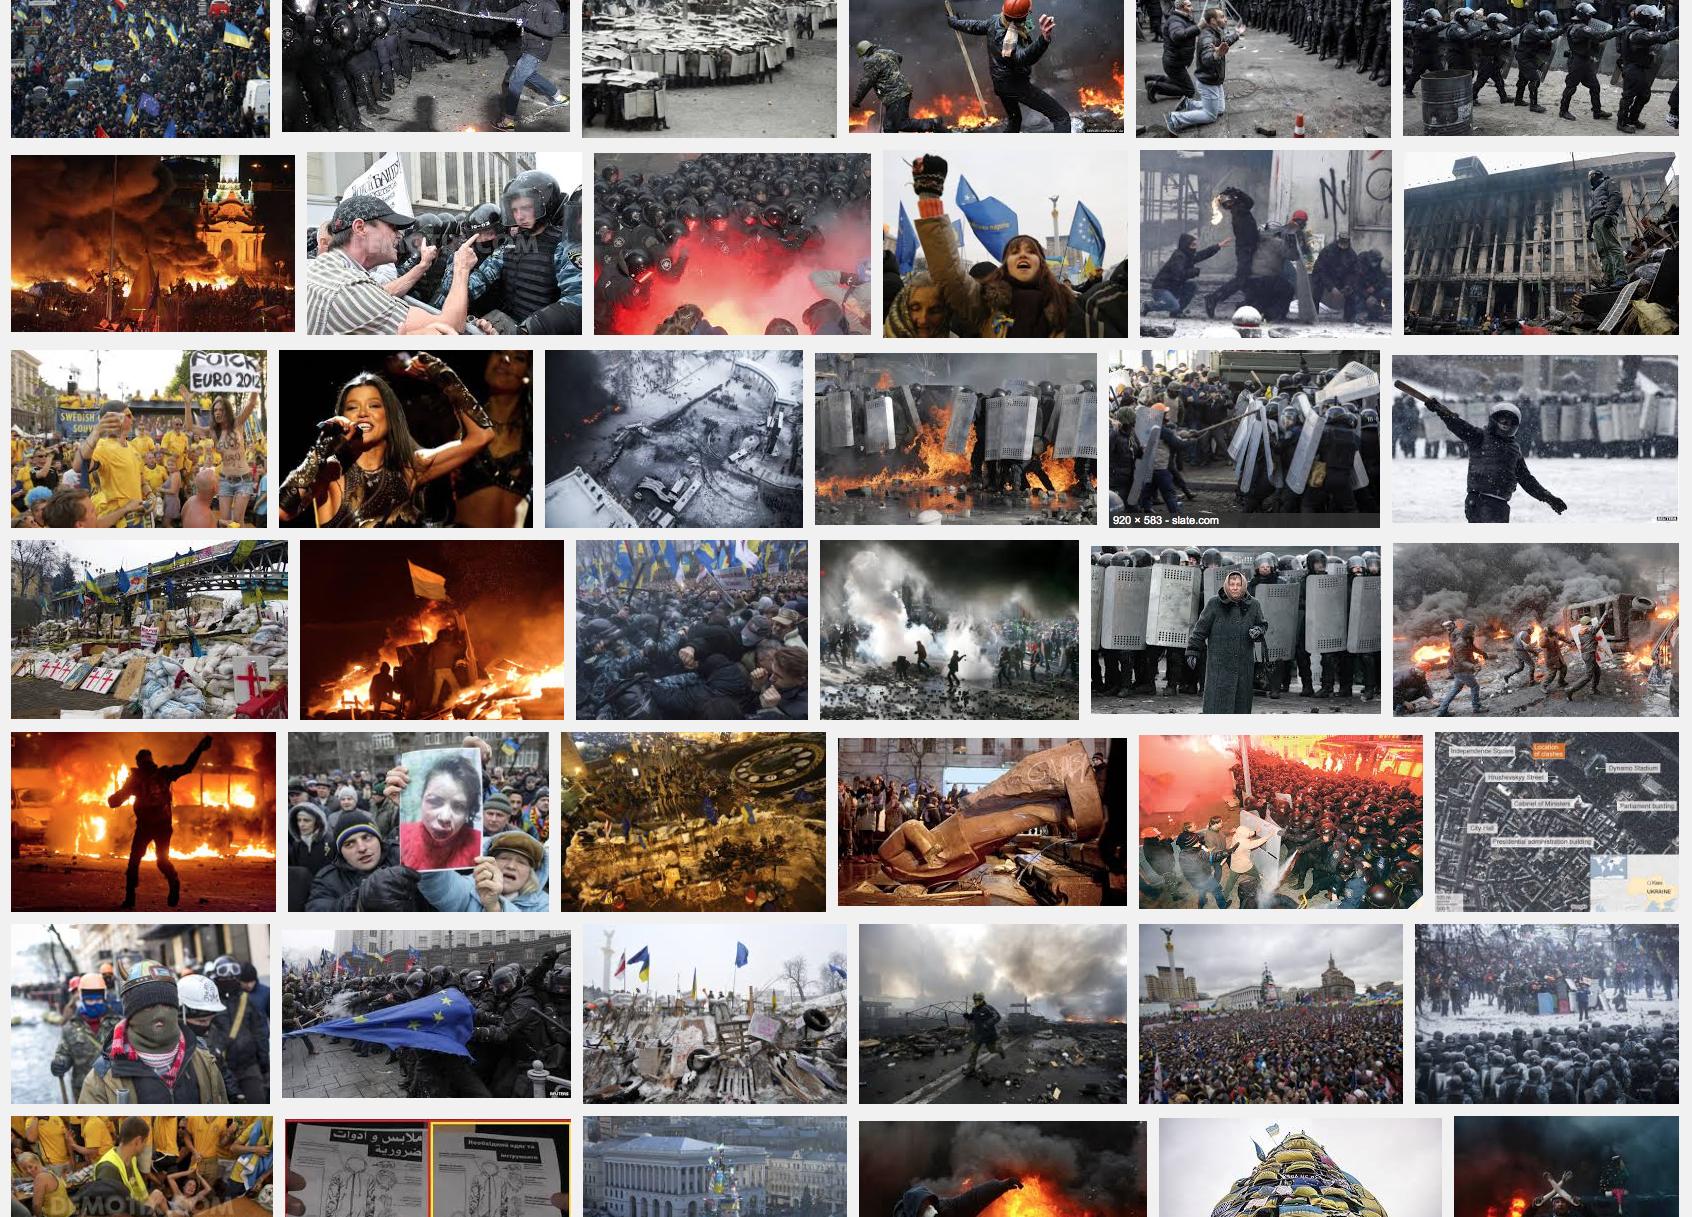 Résultats google images pour le mot Kiev, image utilisée dans l'article de Donald Weber